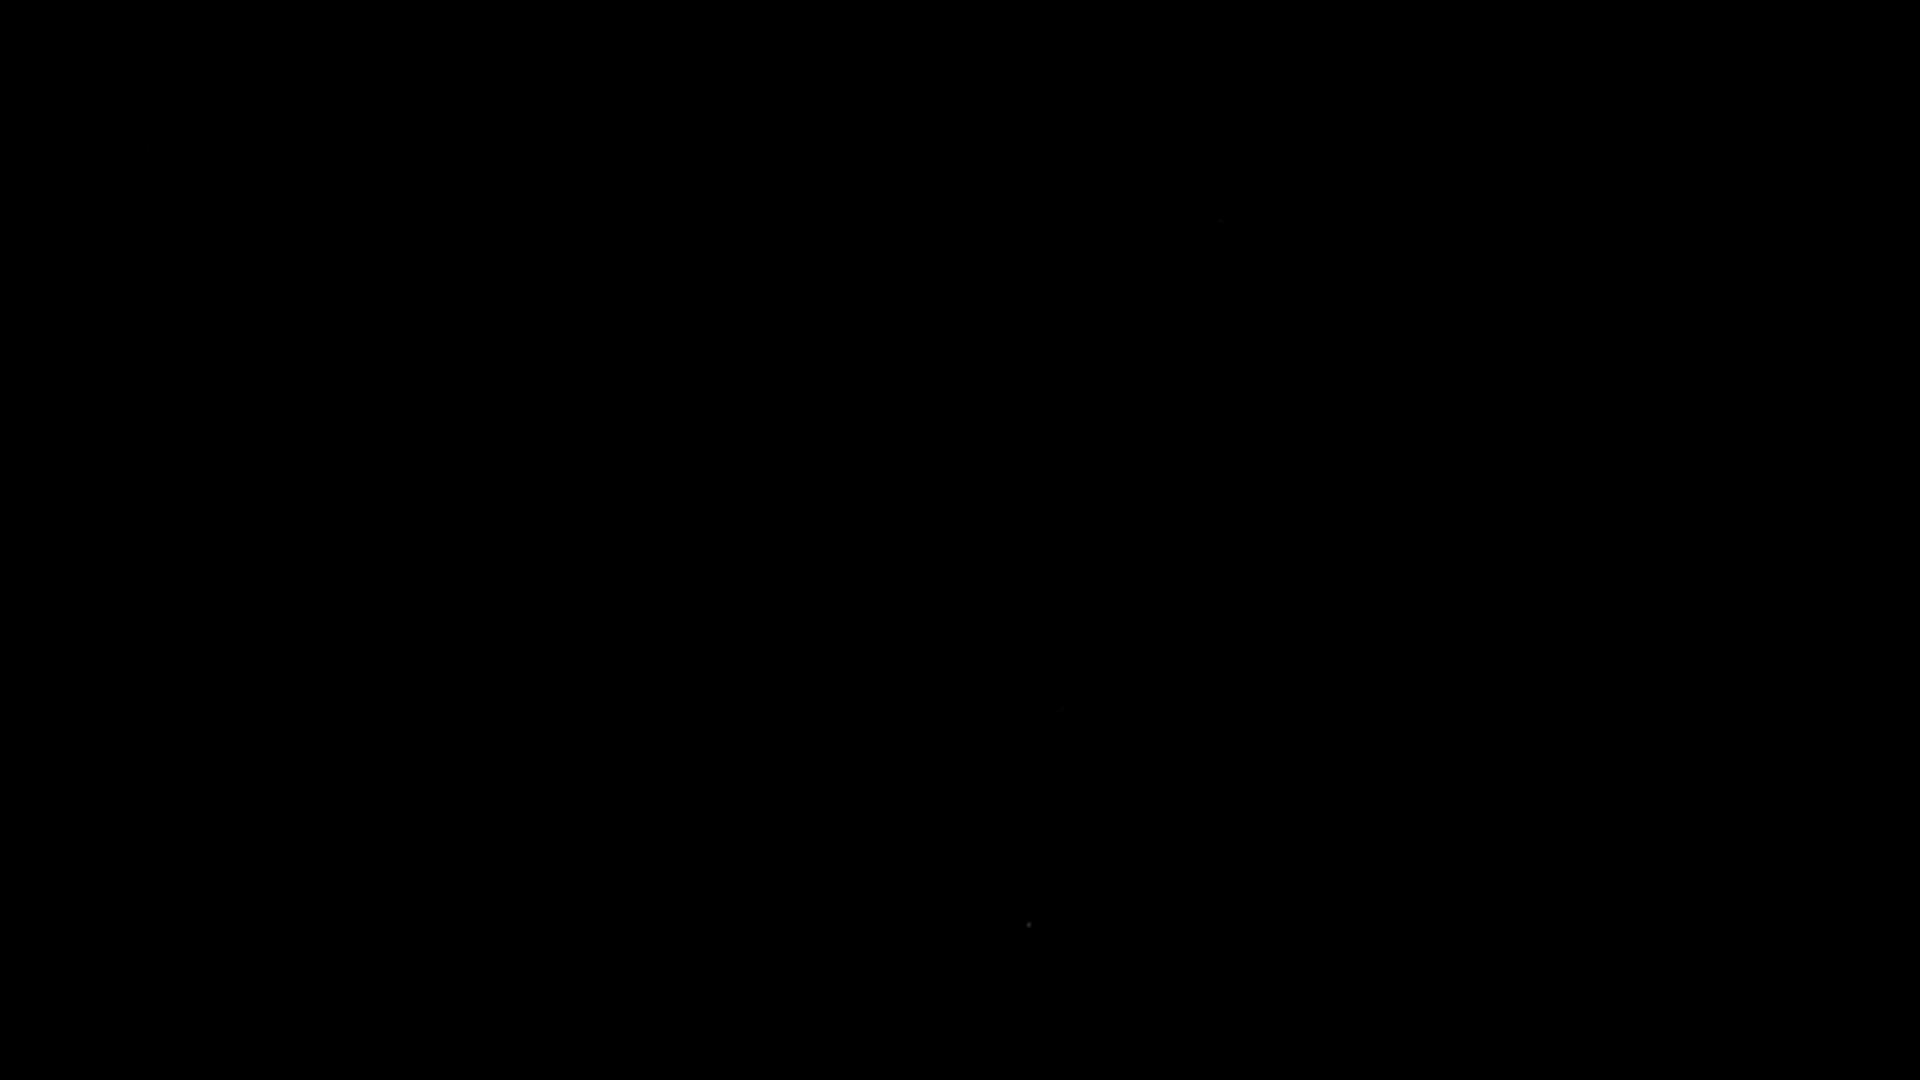 オナニーシリーズ Vol.16 ノンケのオナニー | 念願の完全無修正  43連発 13